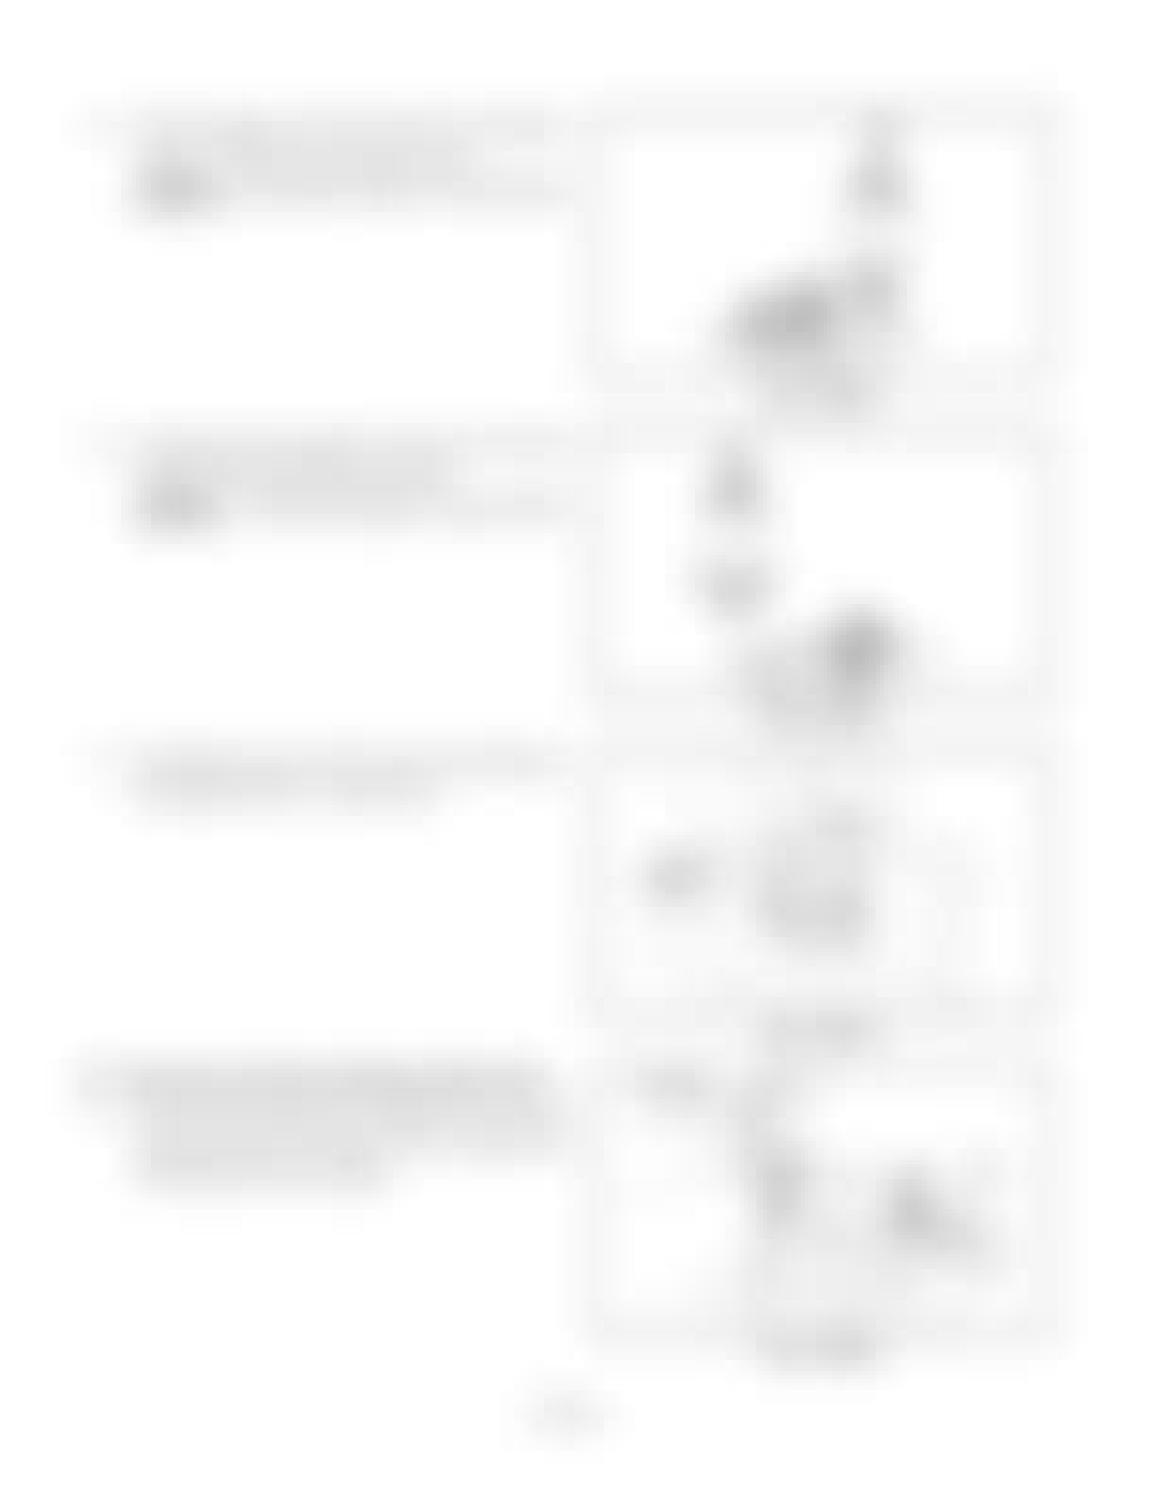 Hitachi LX110-7 LX130-7 LX160-7 LX190-7 LX230-7 Wheel Loader Workshop Manual - PDF DOWNLOAD page 102